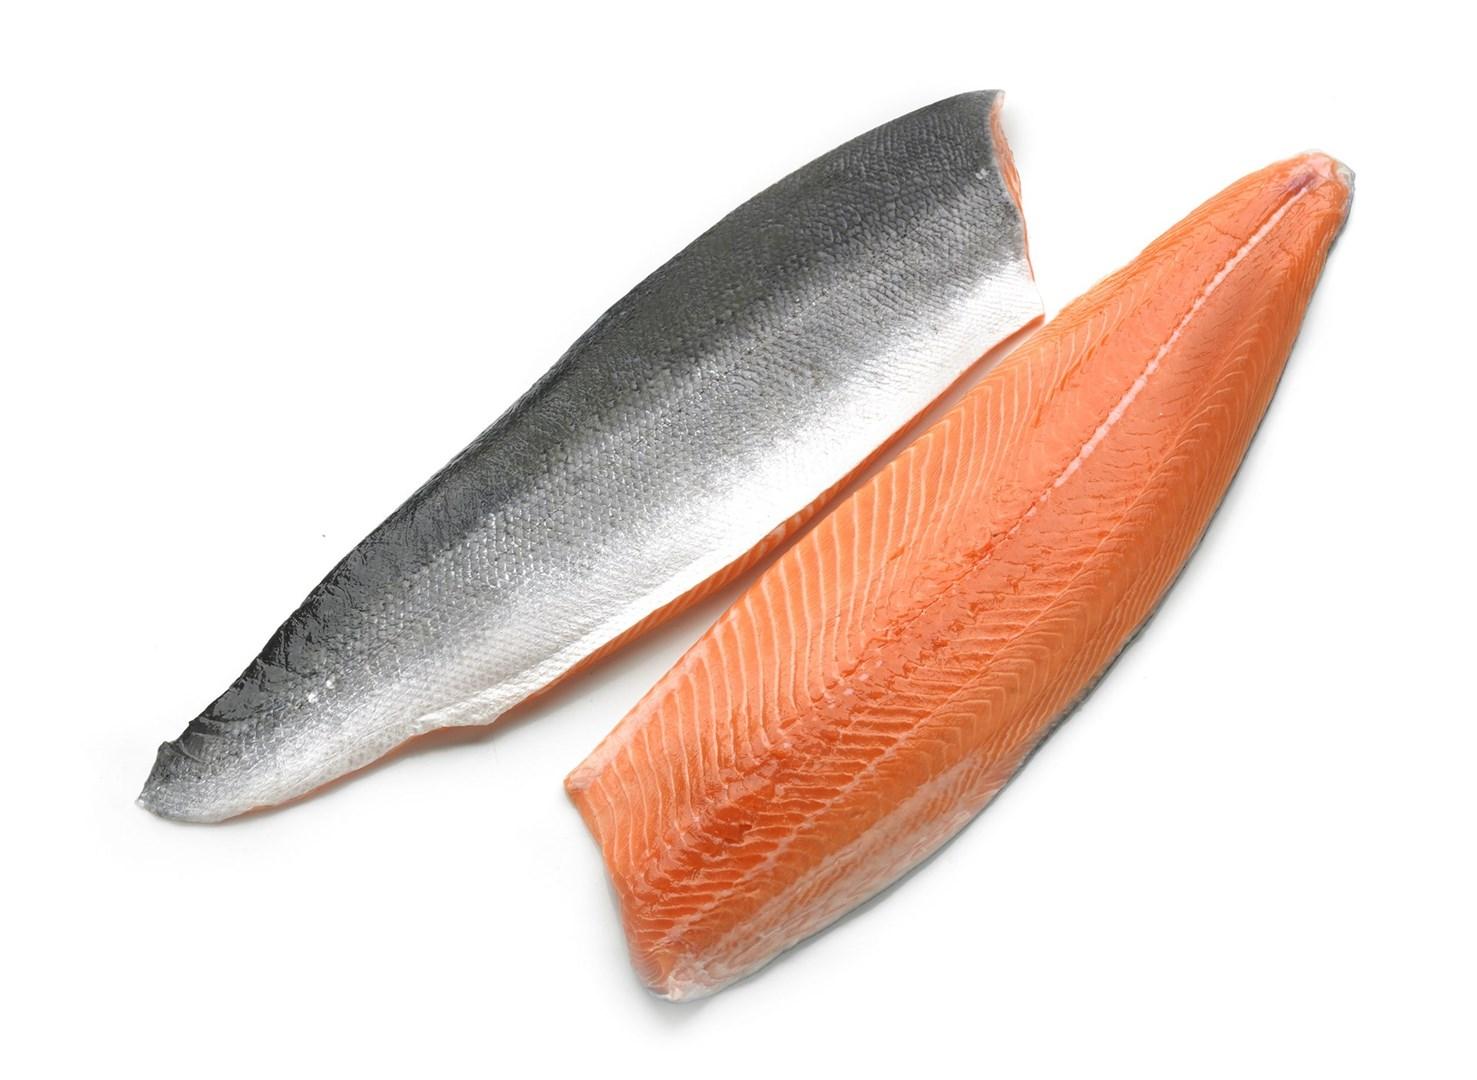 Productafbeelding Zalm Schots 3-4 kg, filet zonder vel